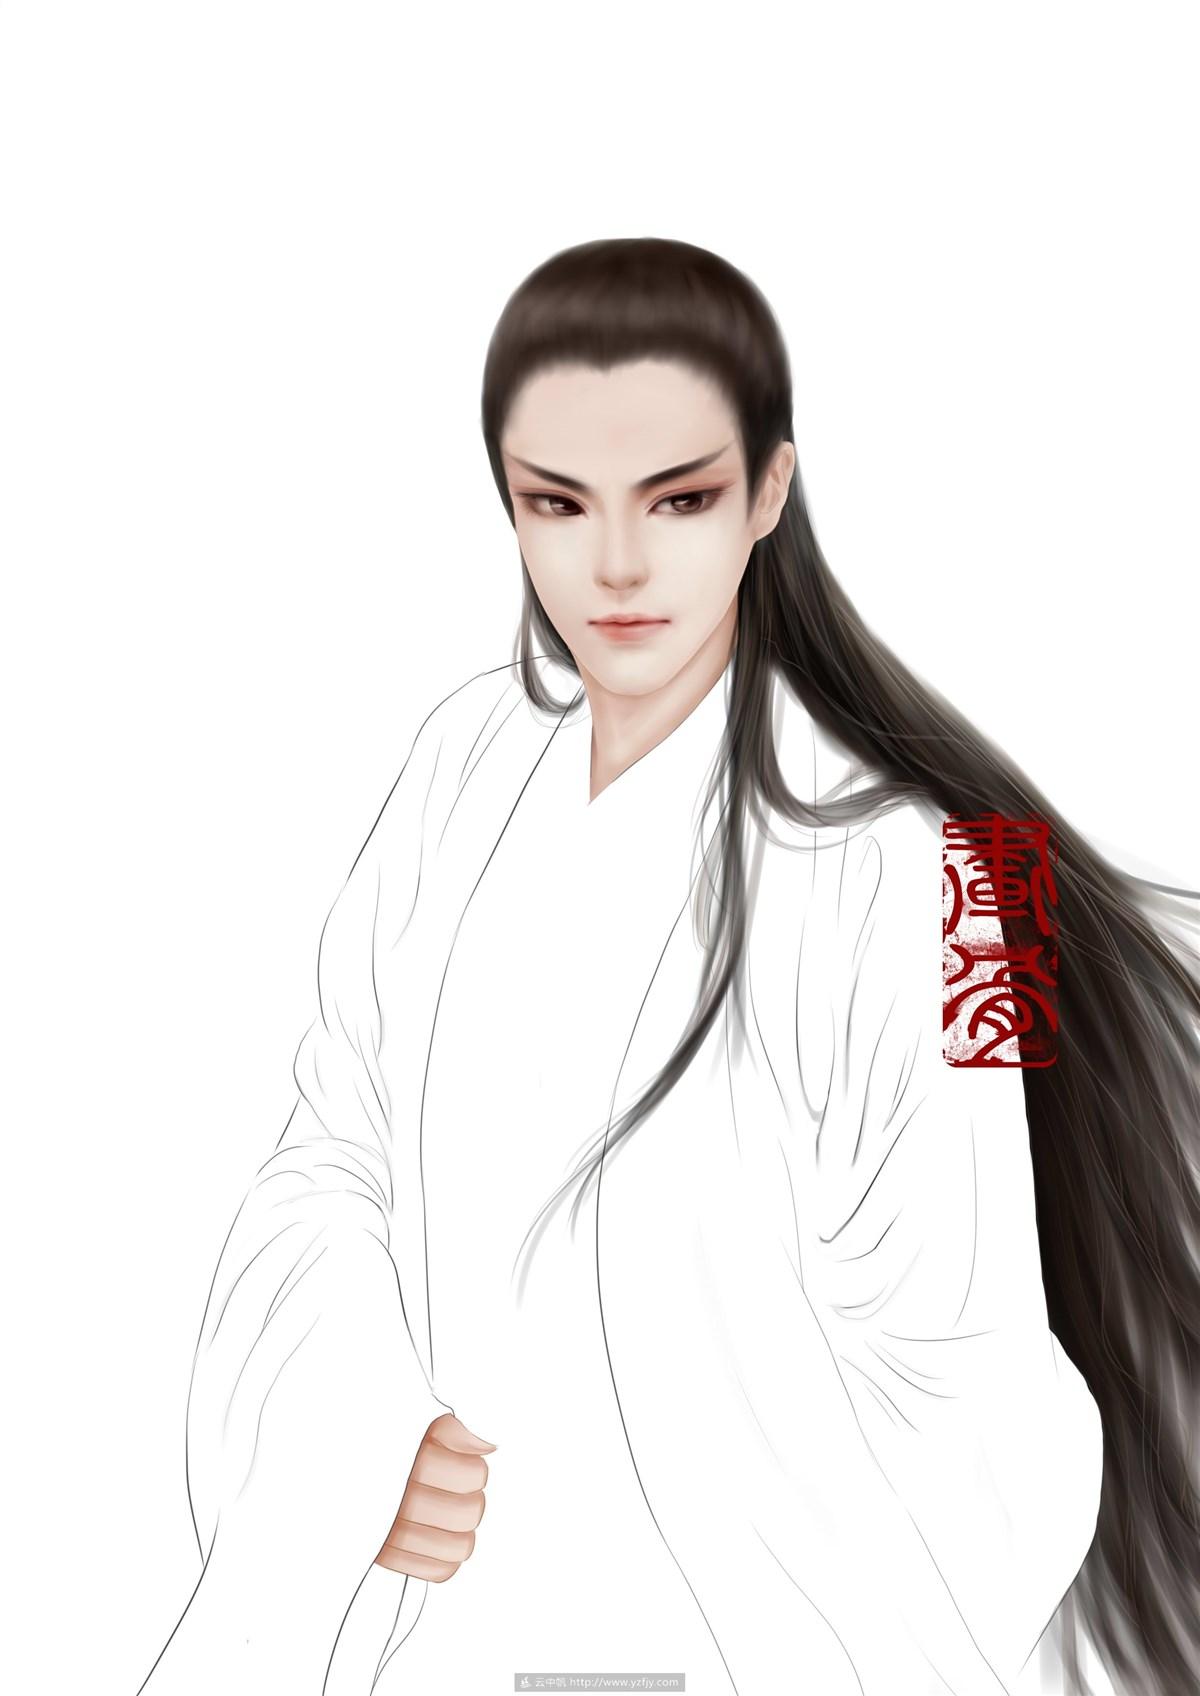 皇帝立绘作品 作者云中帆会员-畫骨